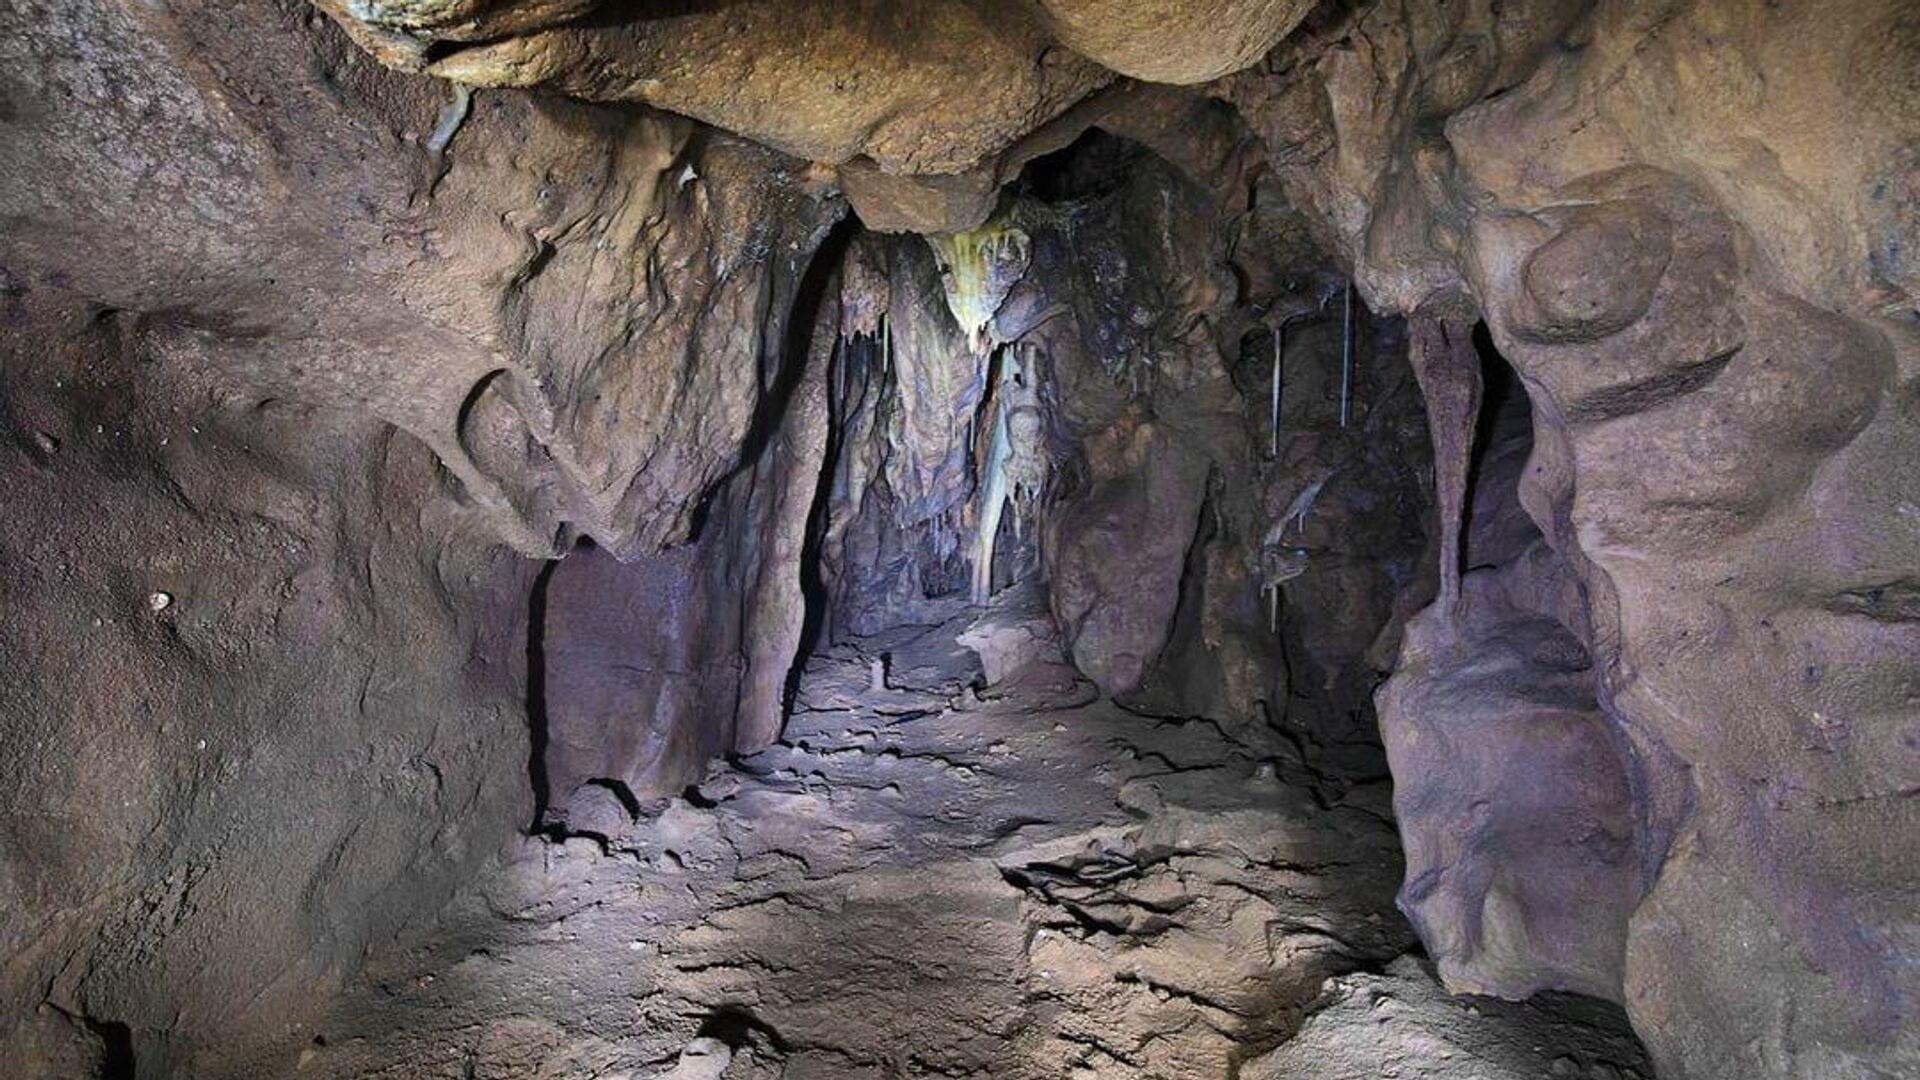 Пещера Авангард в пещерном комплексе Горама на Гибралтаре - РИА Новости, 1920, 01.10.2021